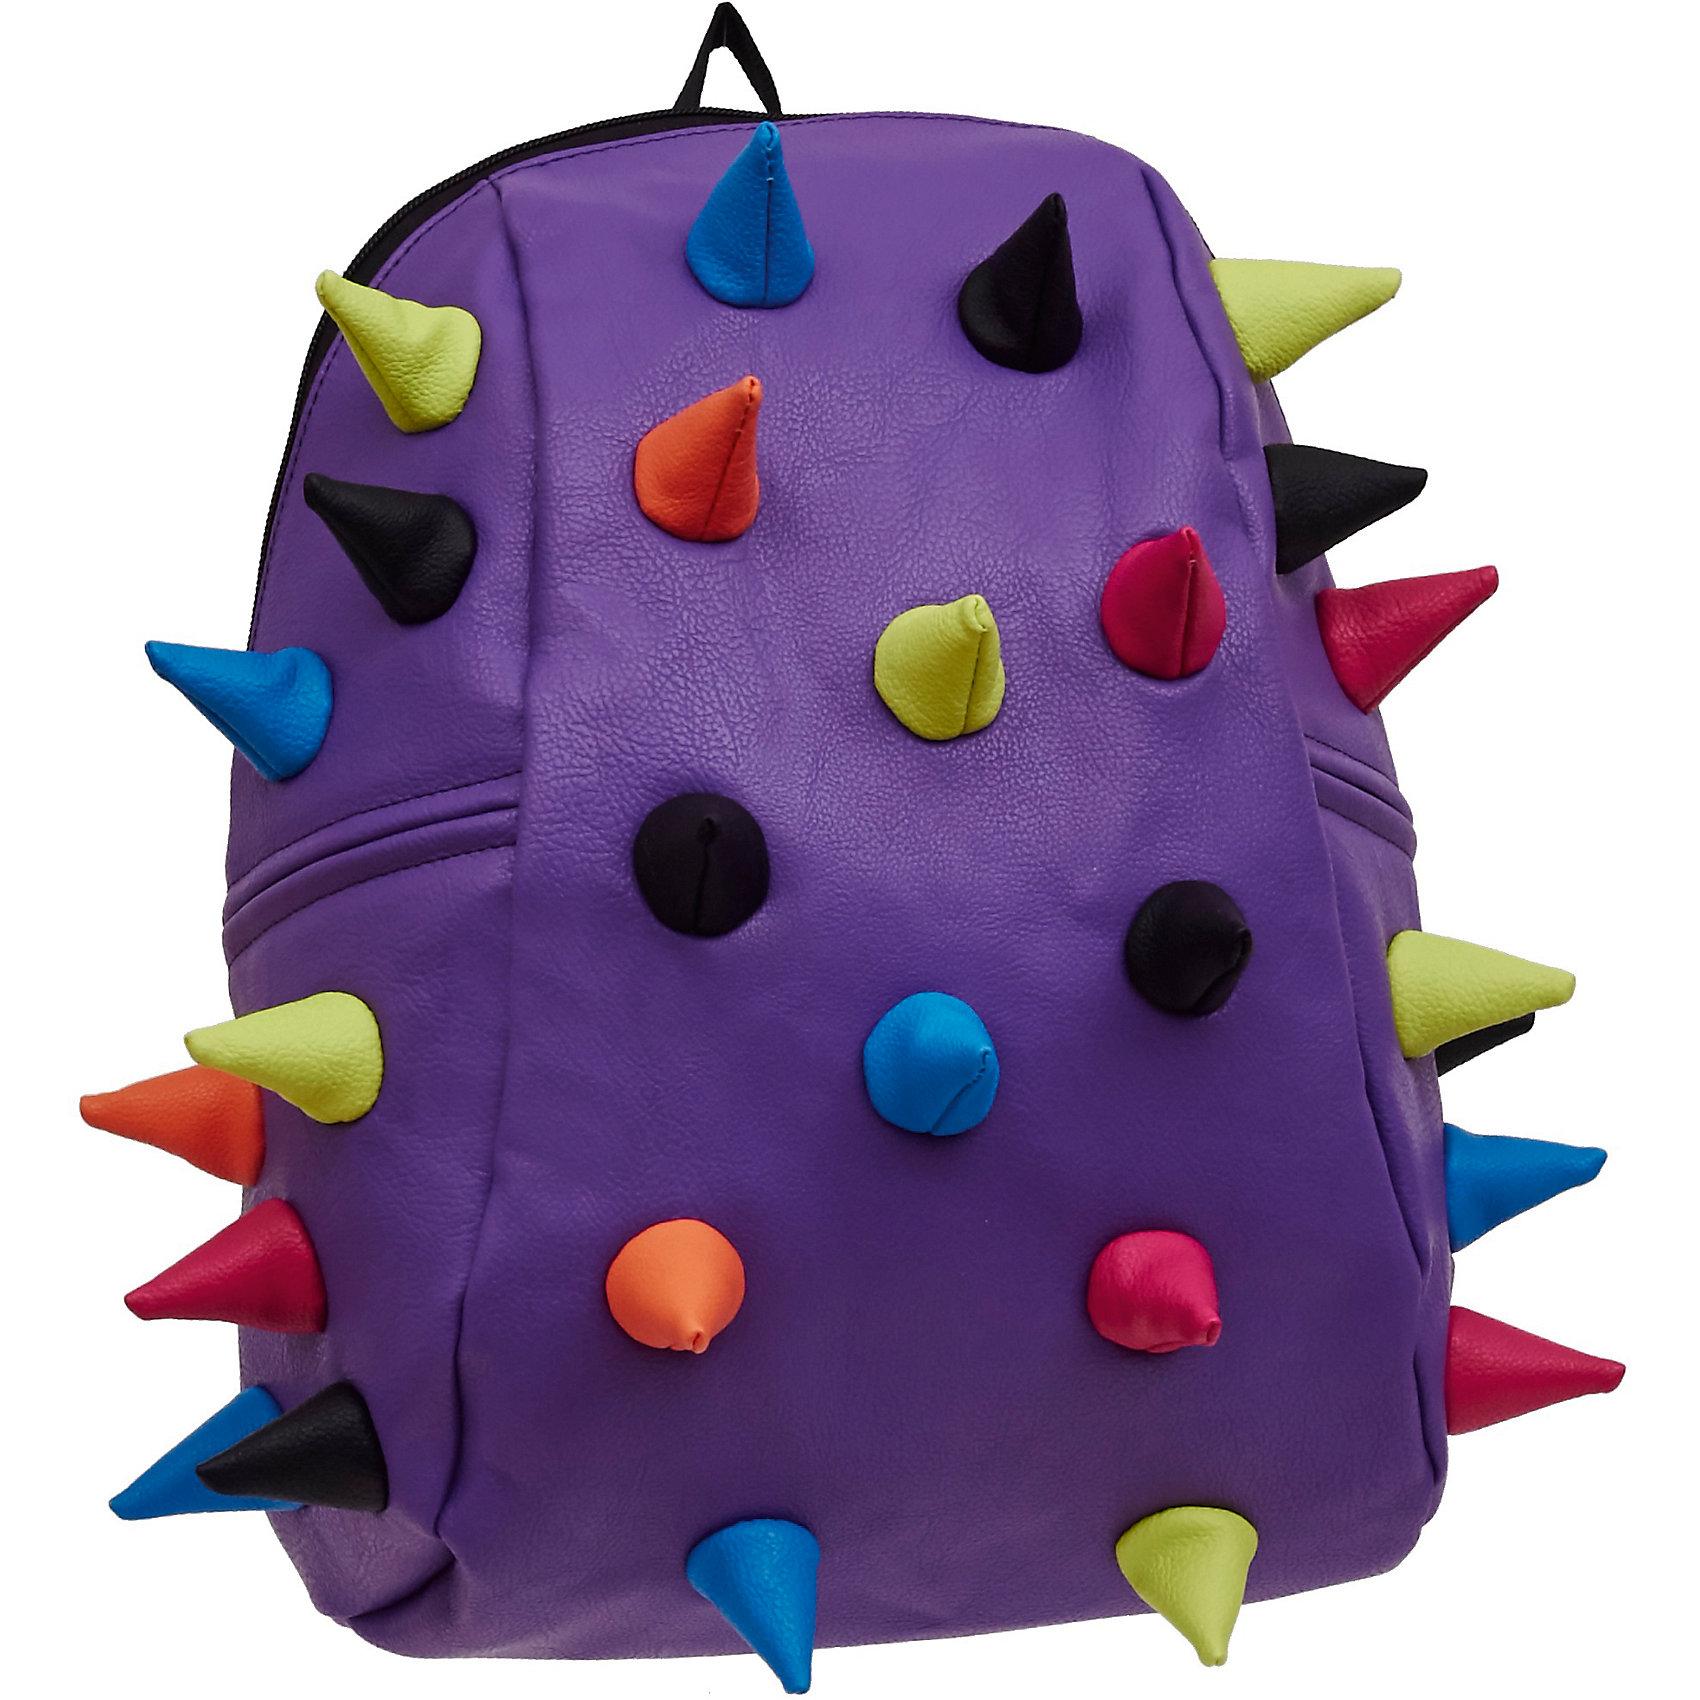 Рюкзак Rex 2 Half , цвет сиреневый мультиРюкзаки<br>Легкий и вместительный рюкзак с одним основным отделением с застежкой на молниии. В основное отделение с легкостью входит ноутбук  размером диагонали 13 дюймов, iPad и формат А4. Незаменимый аксессуар как для активного городского жителя, так и для школьников и студентов. Широкие лямки можно регулировать для наиболее удобной посадки, а мягкая ортопедическая спинка делает ношение наиболее удобным и комфортным.<br><br>Ширина мм: 36<br>Глубина мм: 31<br>Высота мм: 15<br>Вес г: 600<br>Возраст от месяцев: 84<br>Возраст до месяцев: 420<br>Пол: Унисекс<br>Возраст: Детский<br>SKU: 5344328